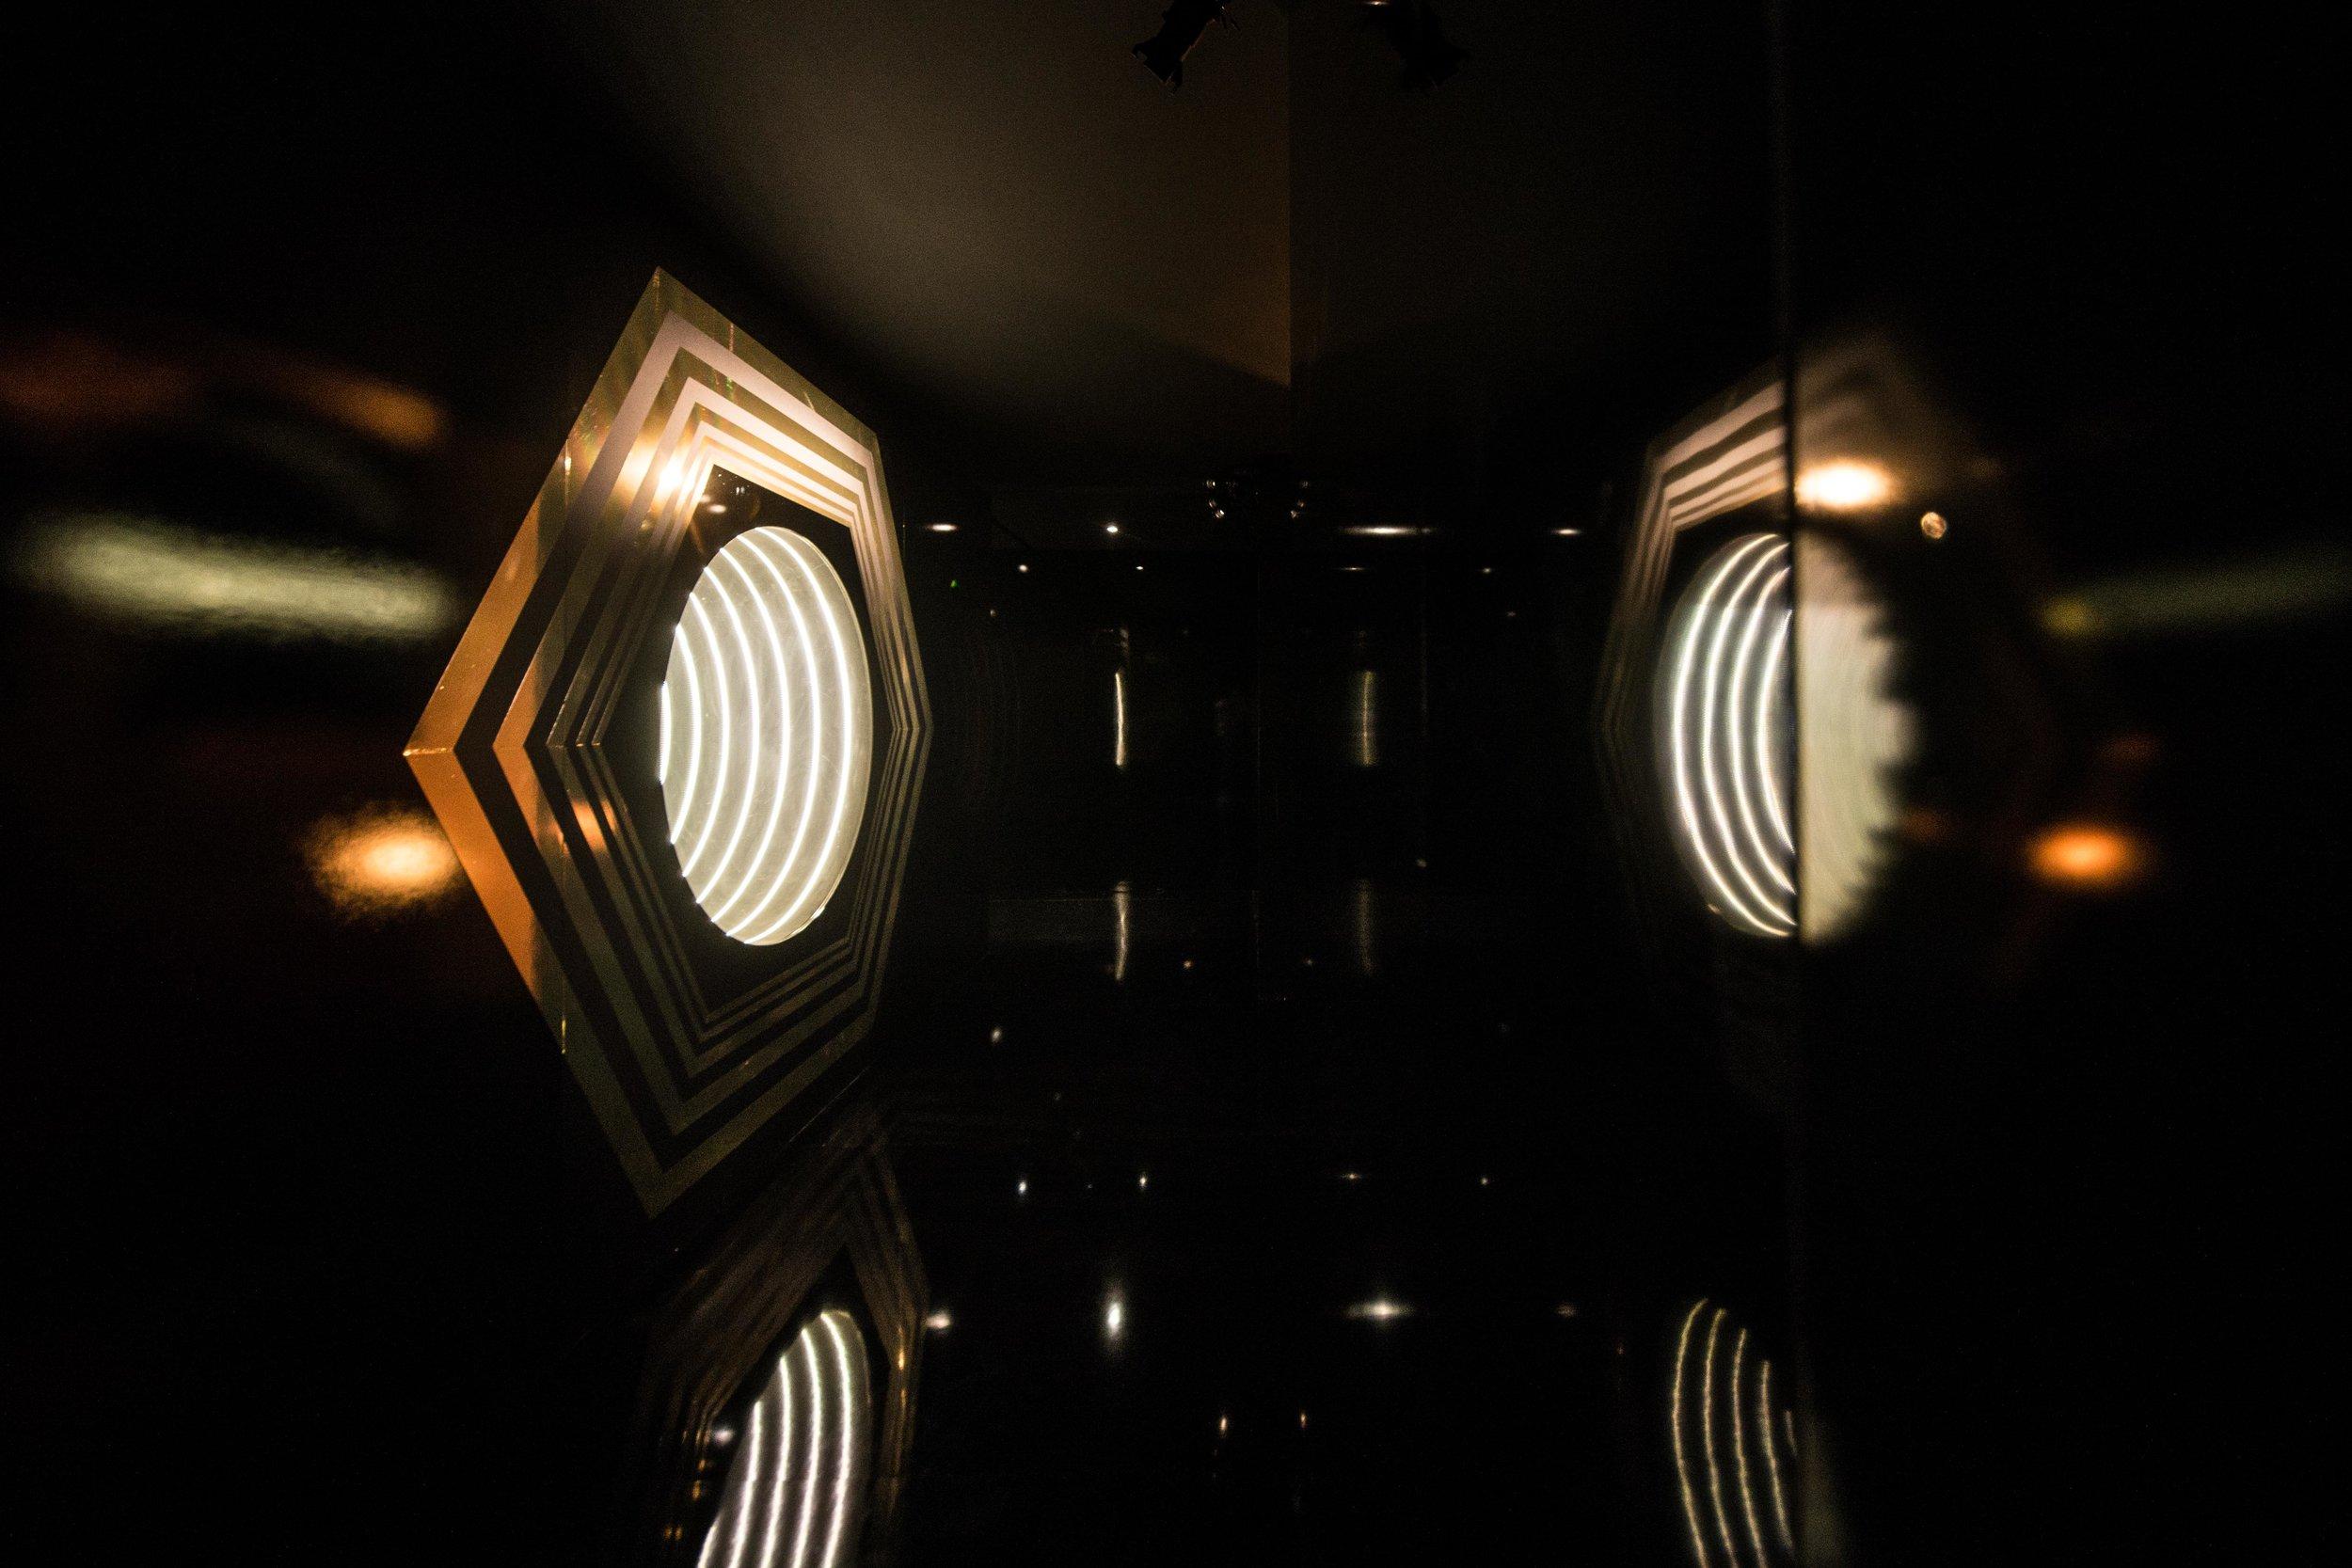 Golden Hour Cartier by Luxury Makers -Auditoire Dubaï - Saï - Stéphane Aït Ouarab-16.jpg